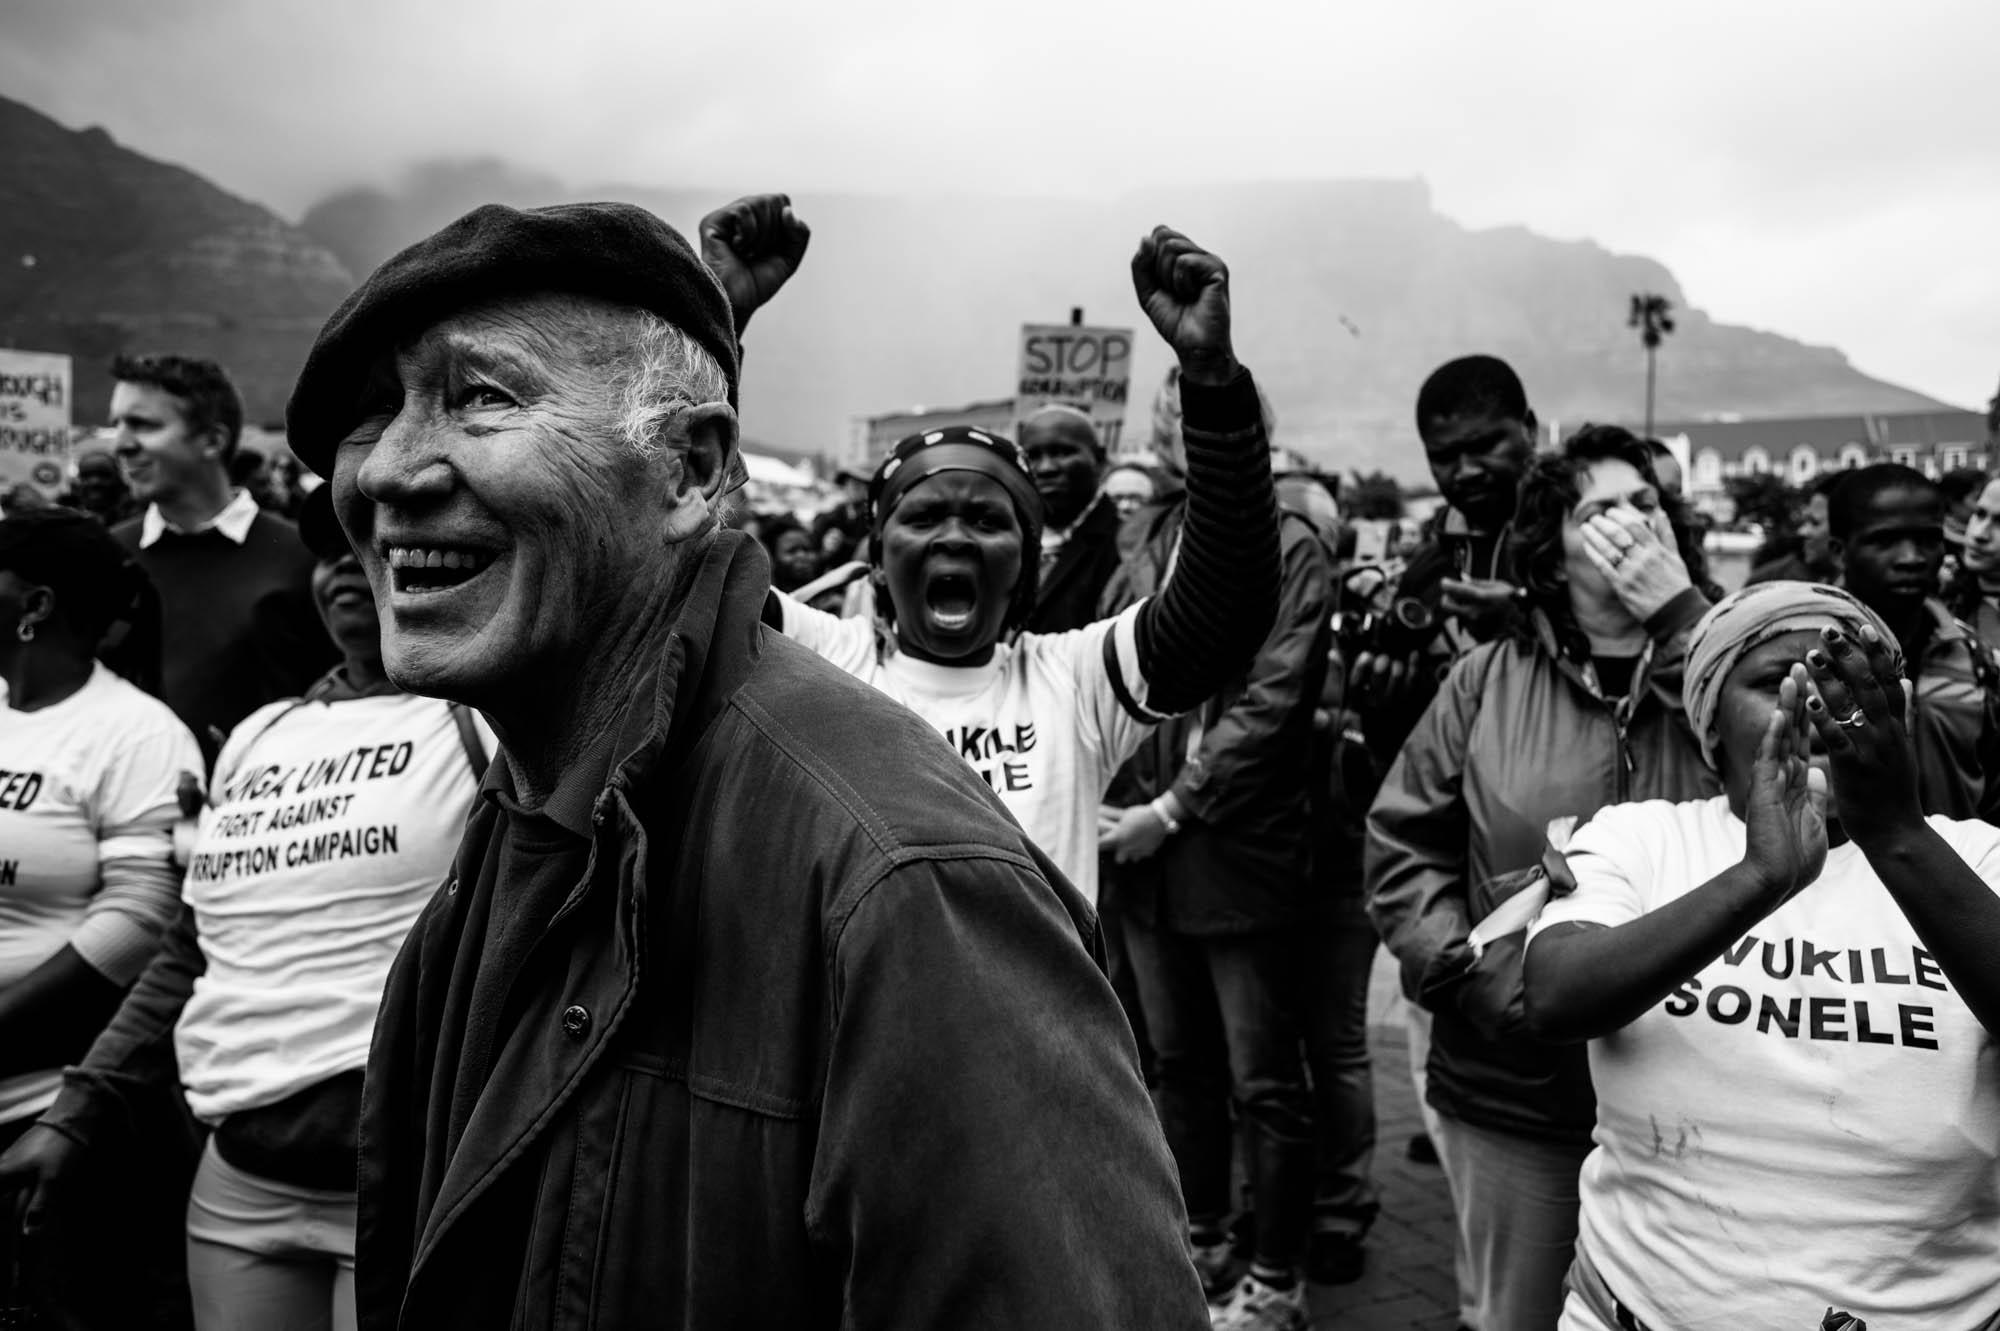 Cape Town, 2015